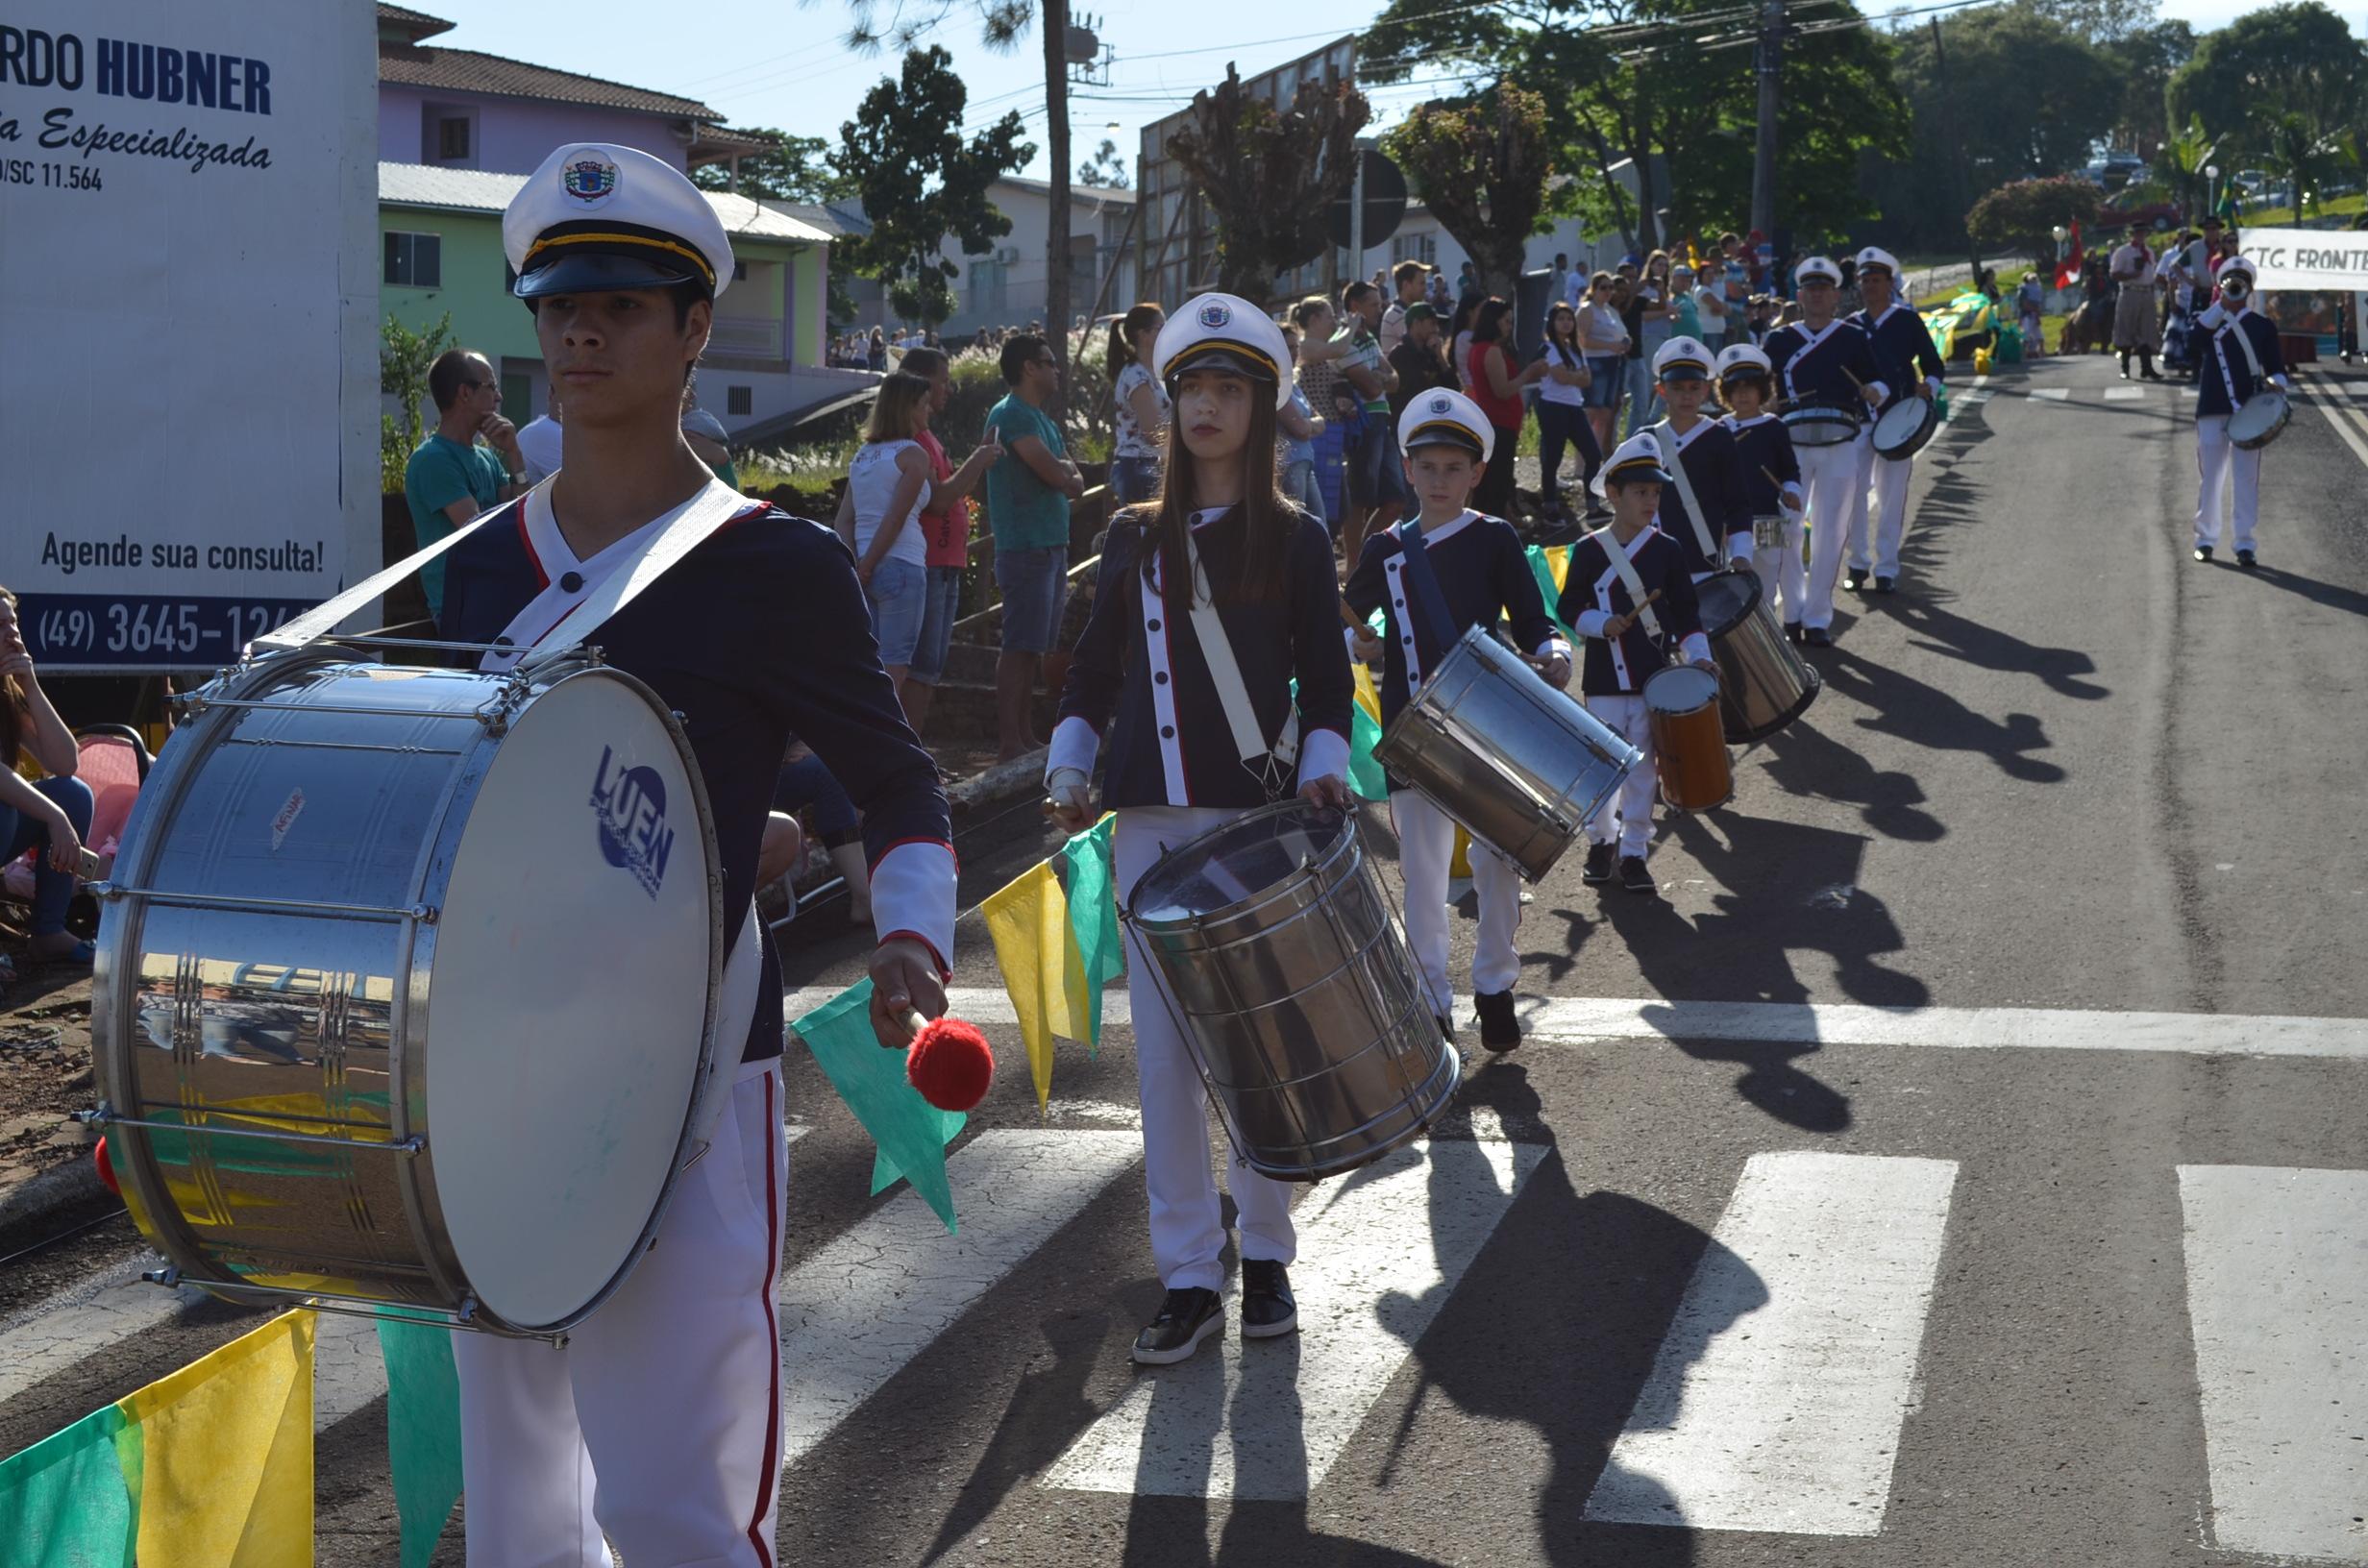 Banda de Fanfarra inicia ensaios para o Desfile de 7 de Setembro